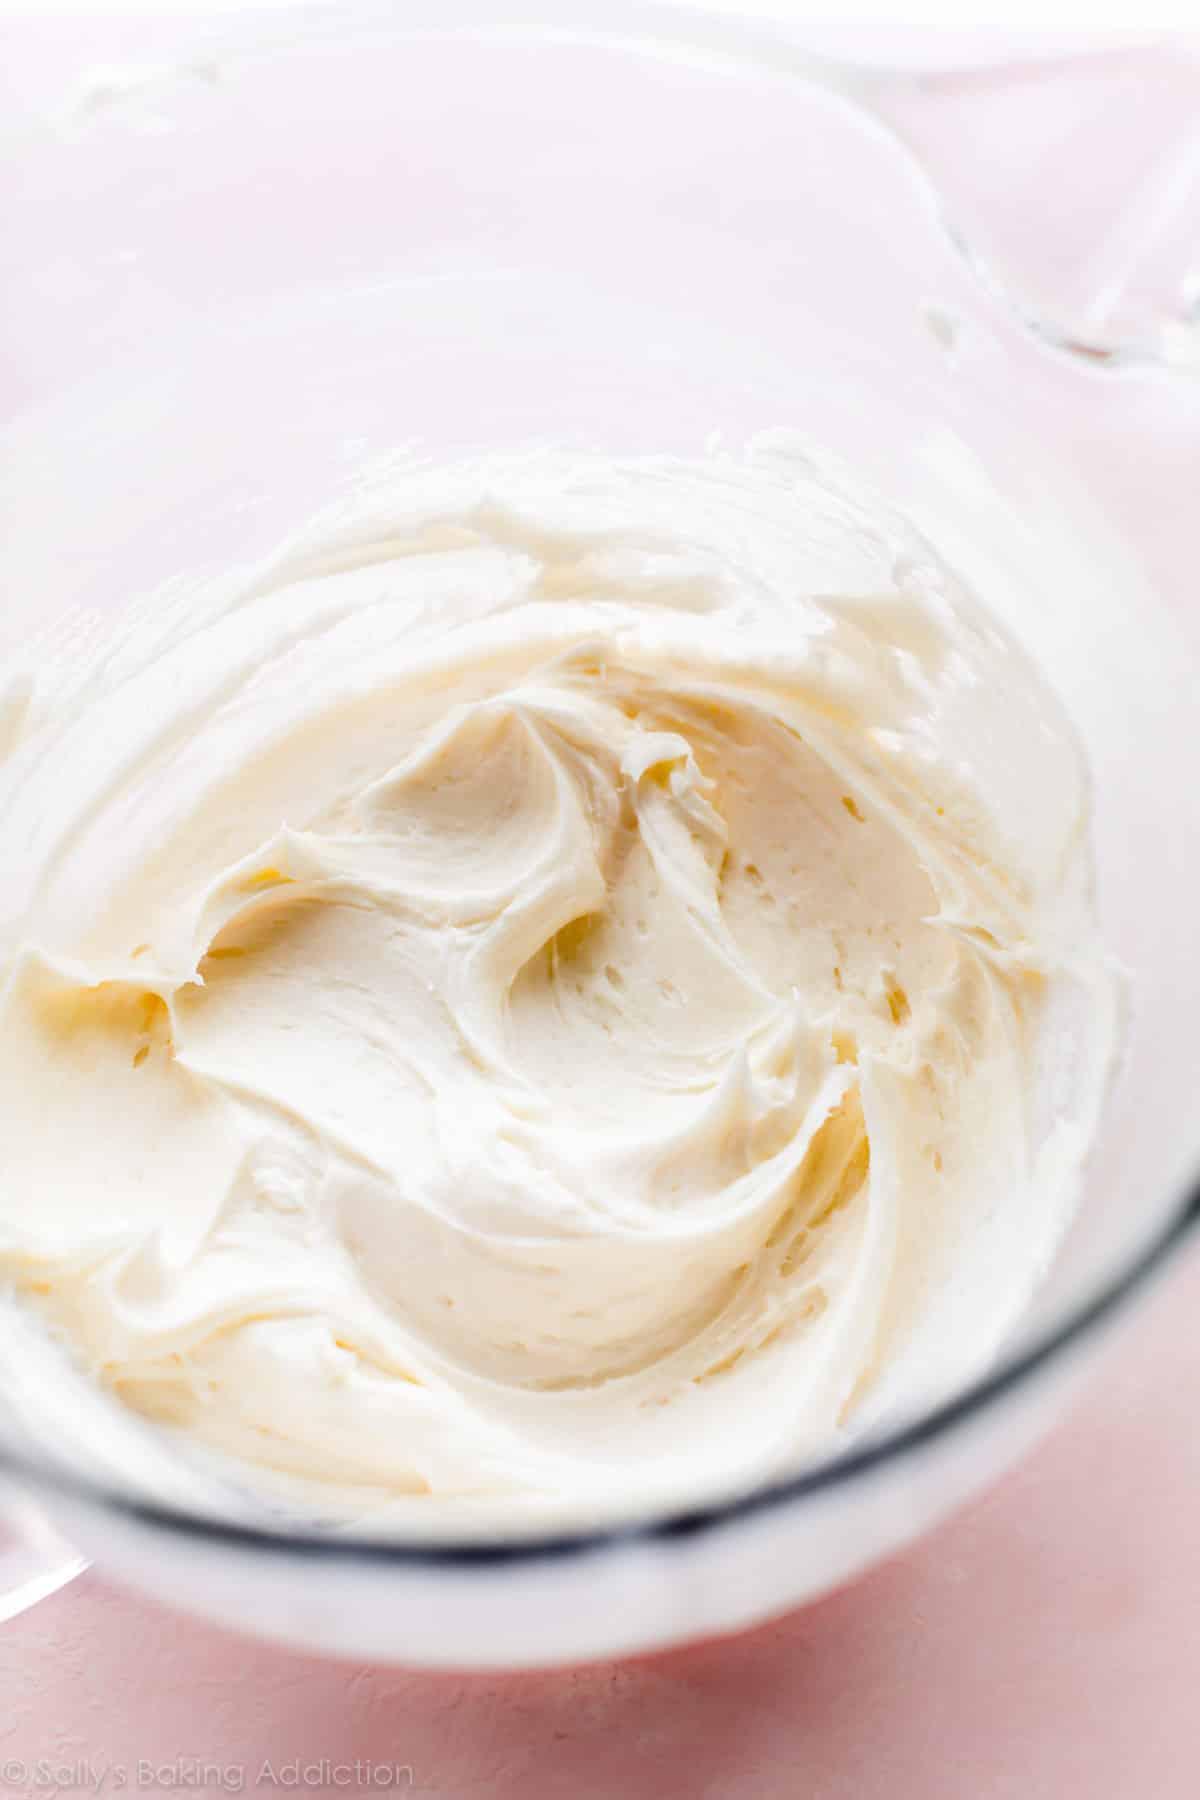 Vanilla almond buttercream